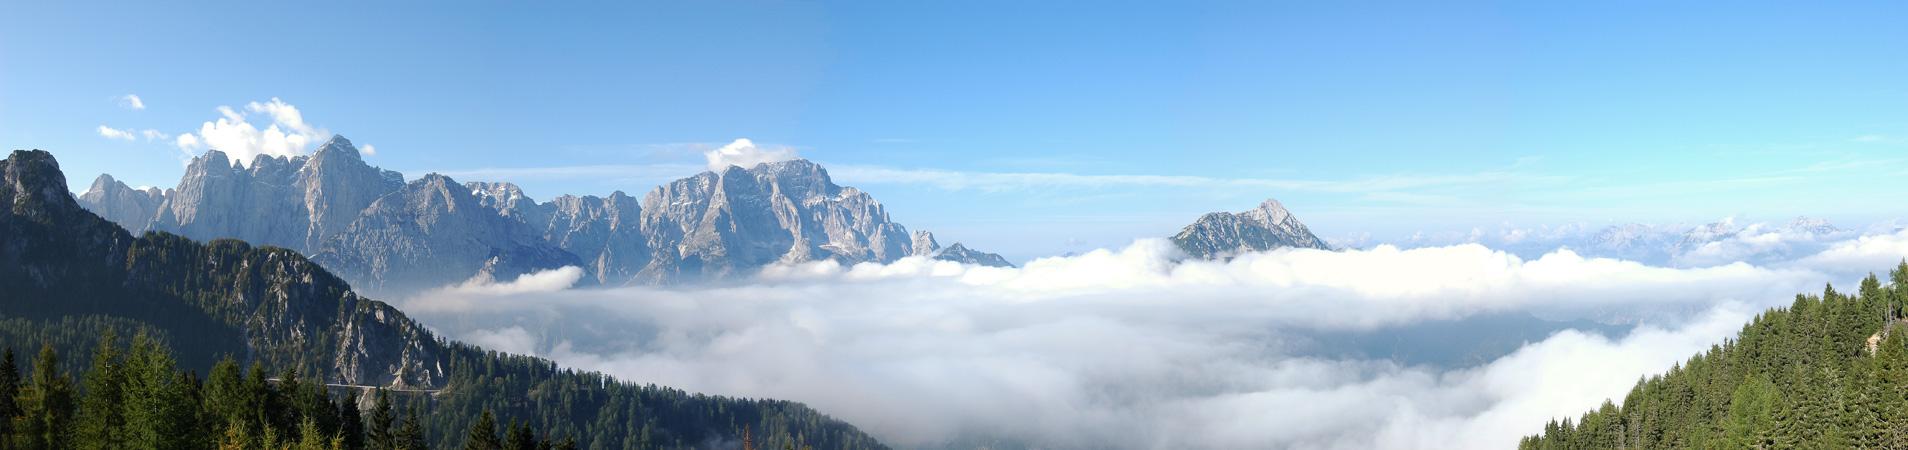 Friuli Monte Lussari Val Canale Pontebba Alpi